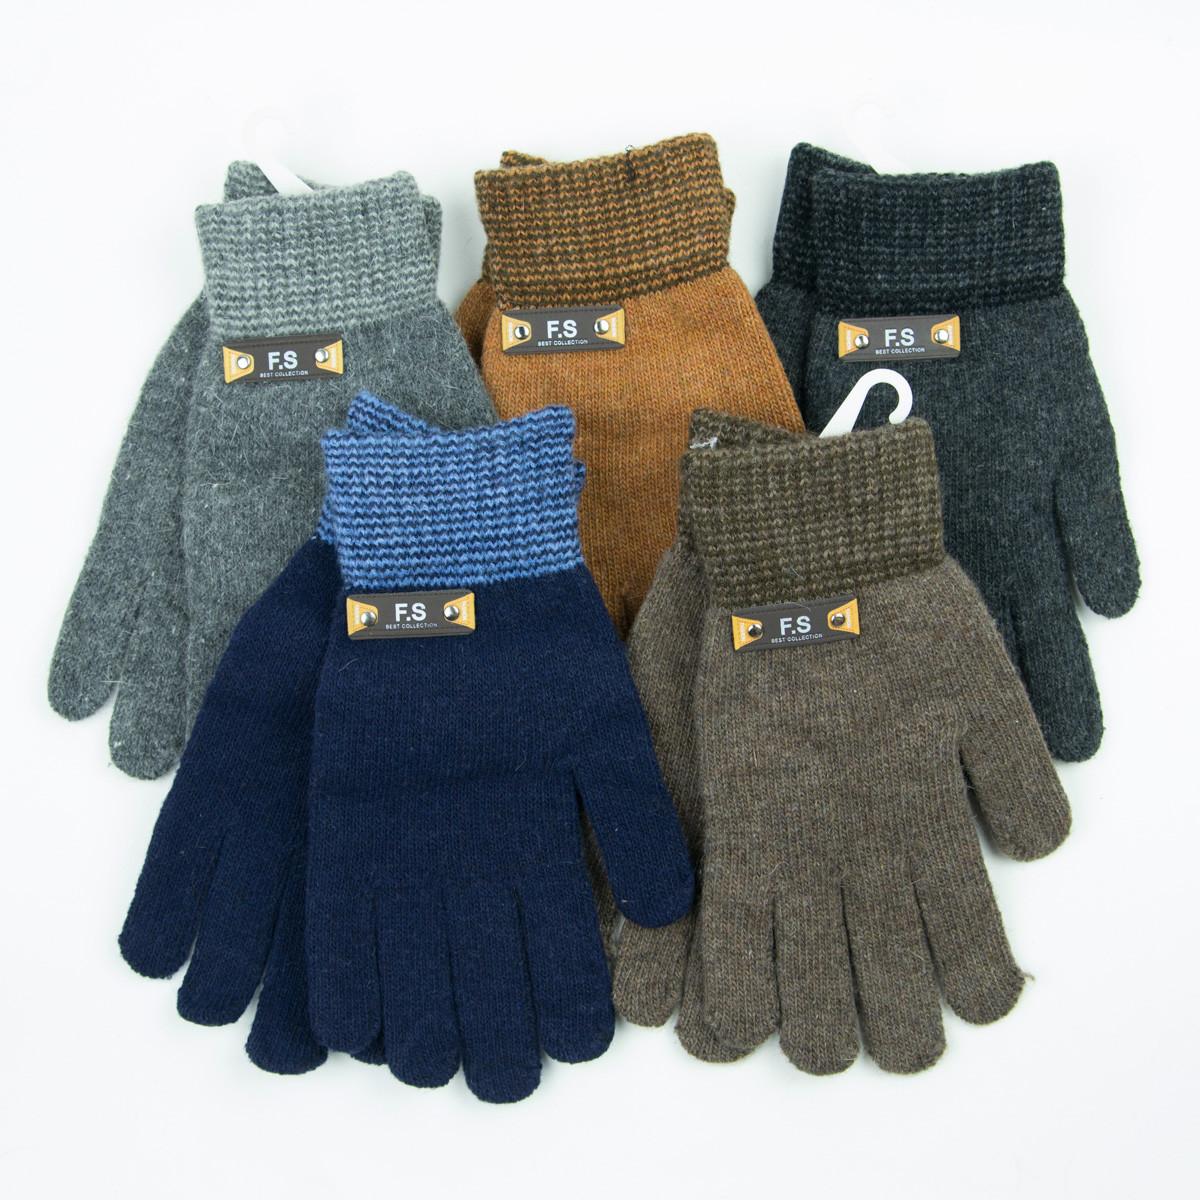 Оптом подростковые демисезонные перчатки для мальчиков от 15 лет - 19-7-57